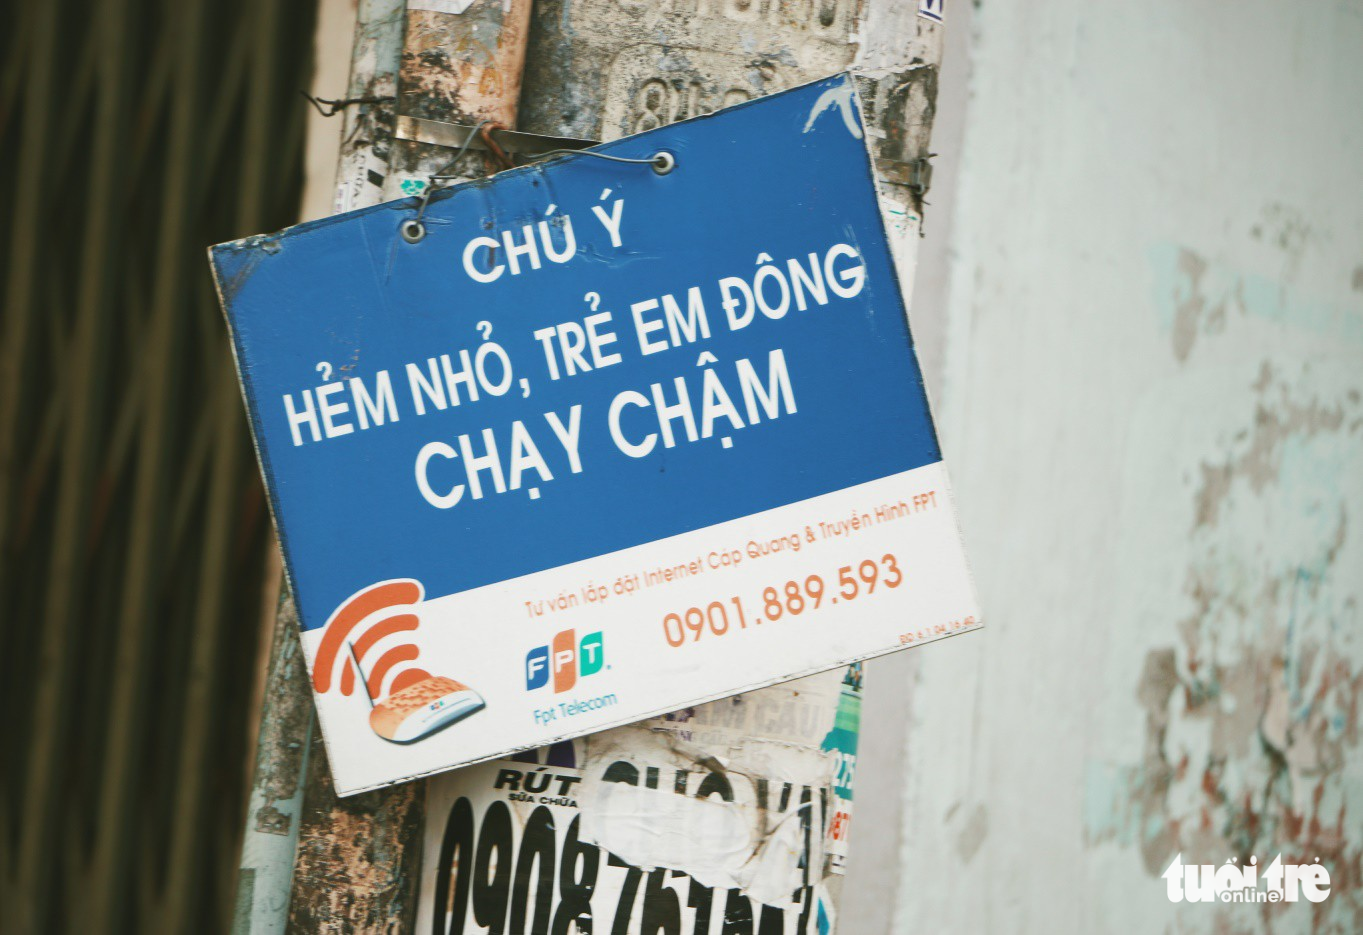 Nhìn những biển hiệu này để thấy Sài Gòn quá đỗi dễ thương - Ảnh 13.